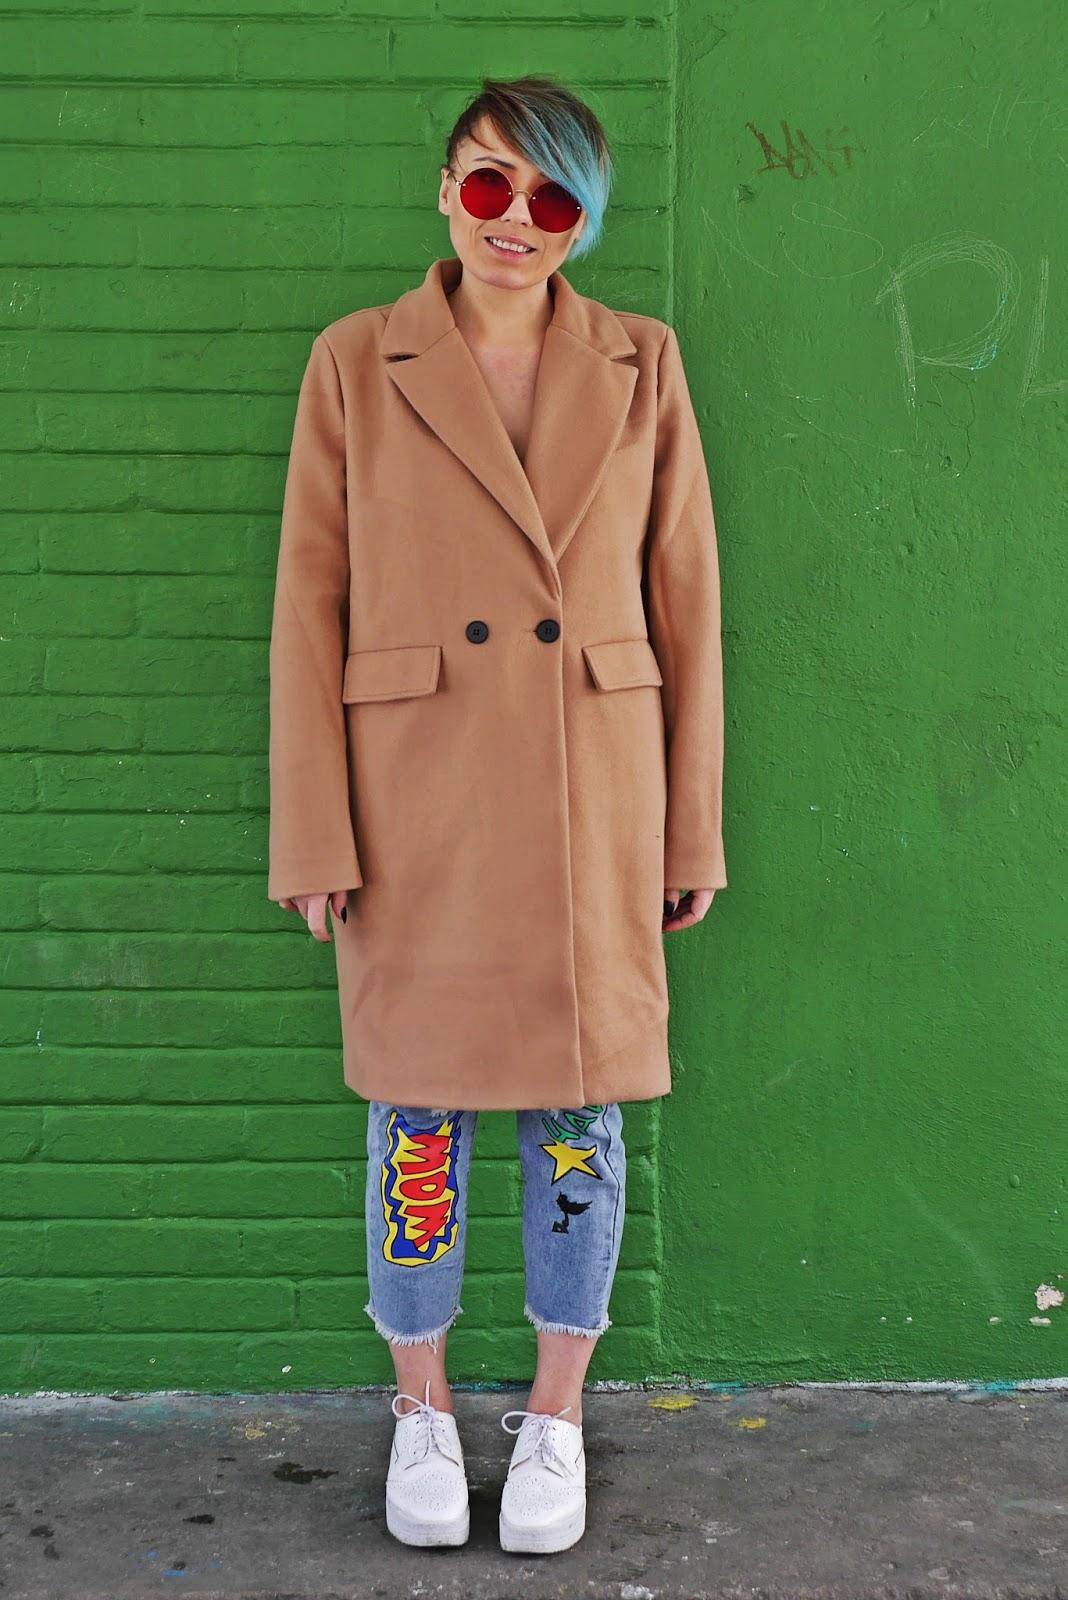 karyn beżowy płaszcz czerwone okulary pastelowe włosy karyn blog modowy